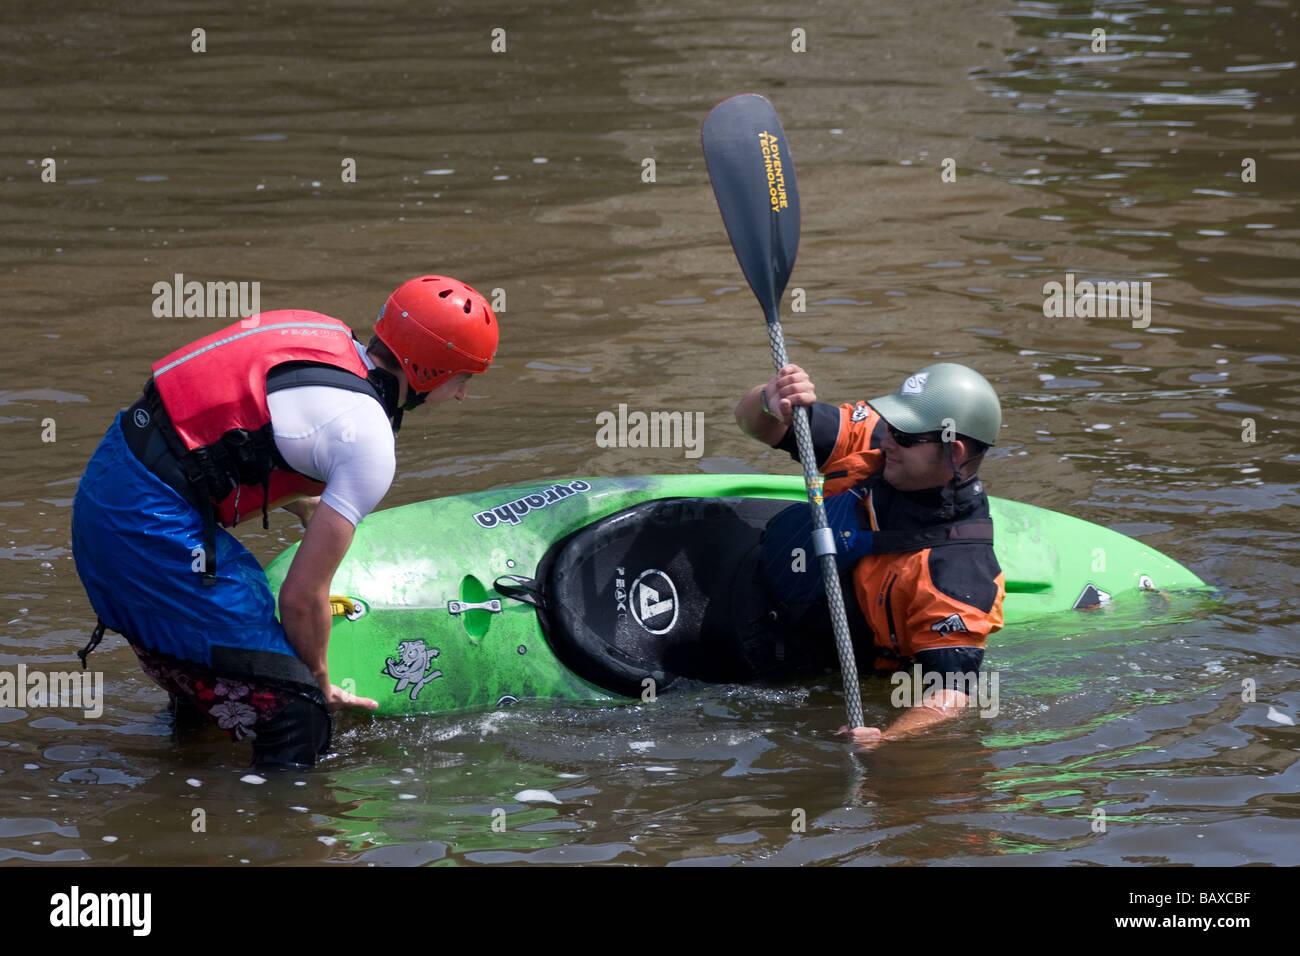 water sport kayak kayaking whitewater training river medway yalding kent england uk europe - Stock Image